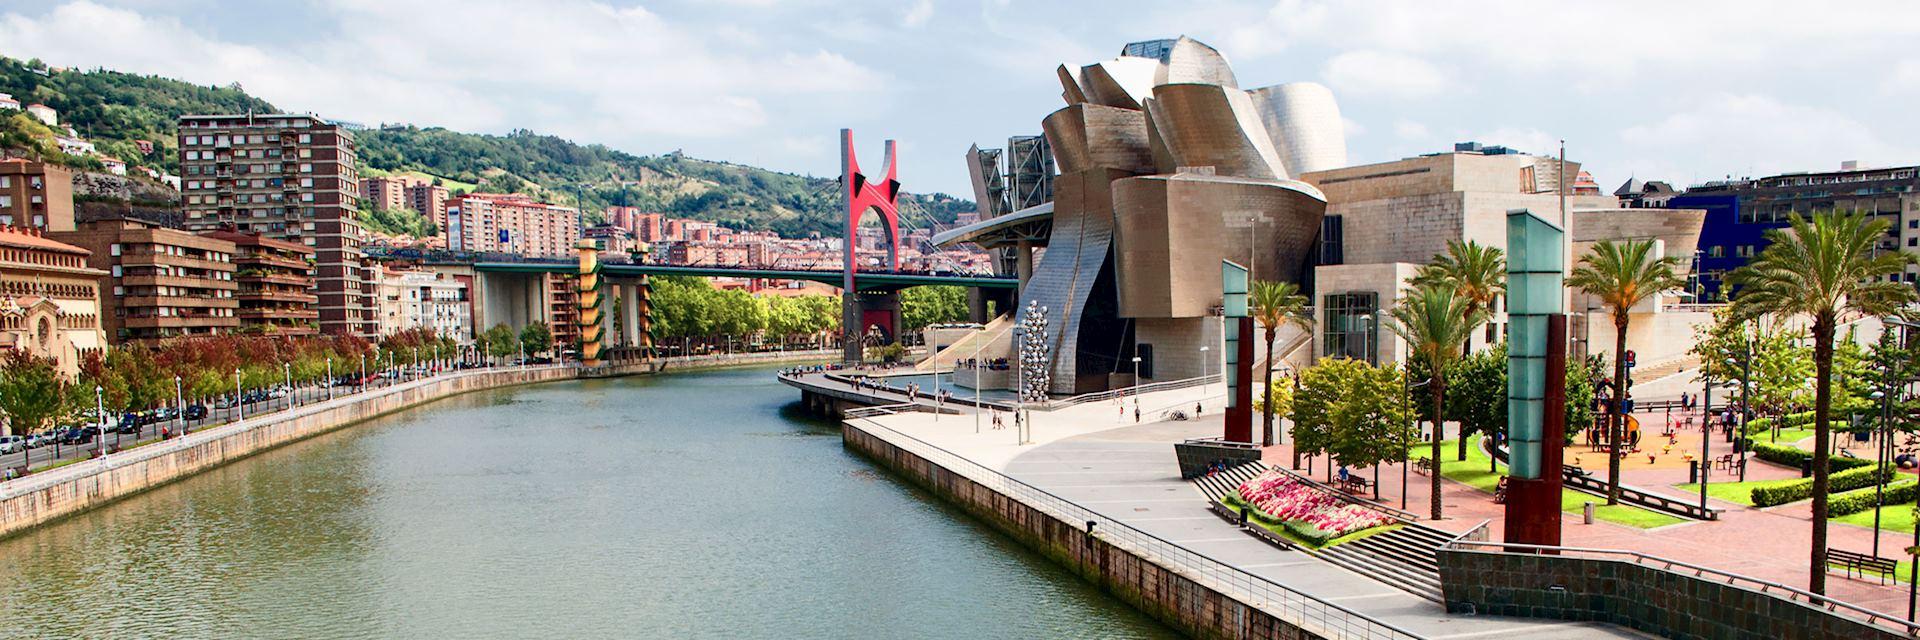 Modern art museum, Bilbao